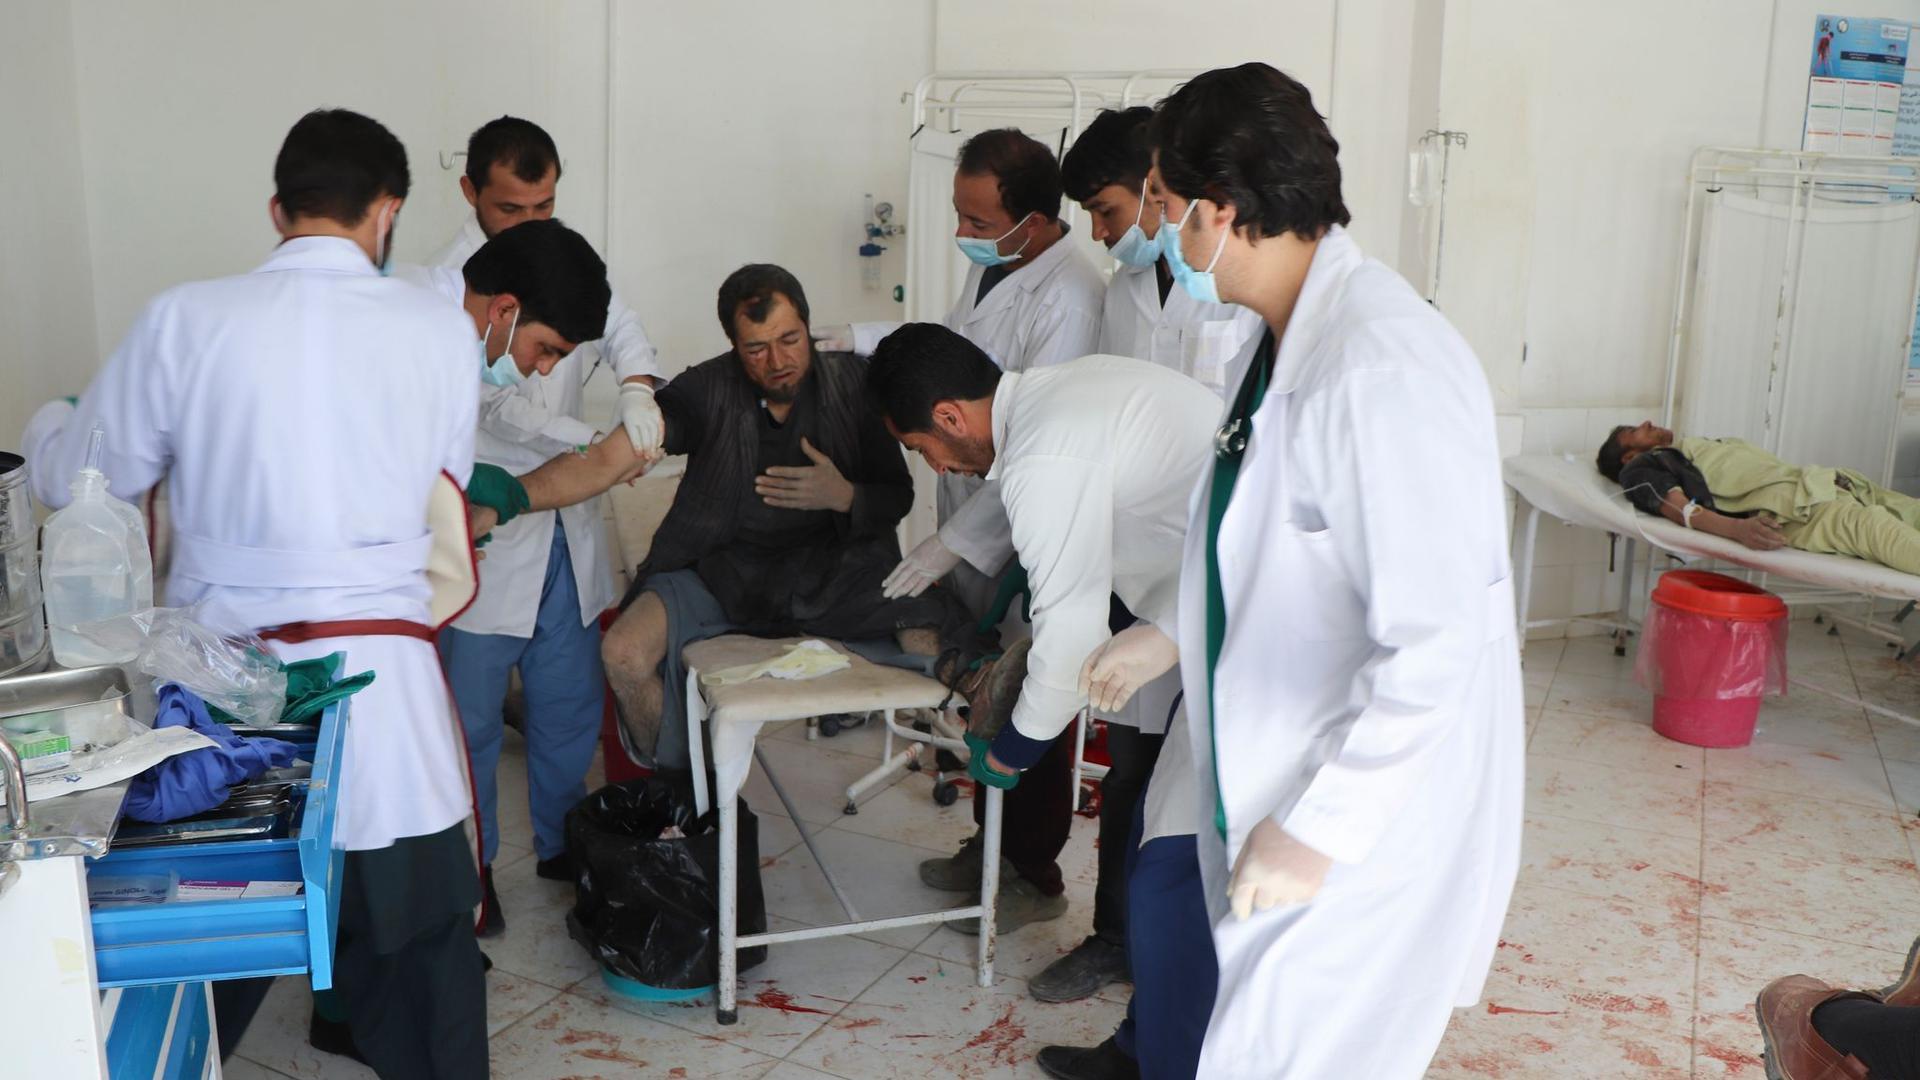 Ärzte behandeln einen Mann nach dem Anschlag in der Provinz Ghor.